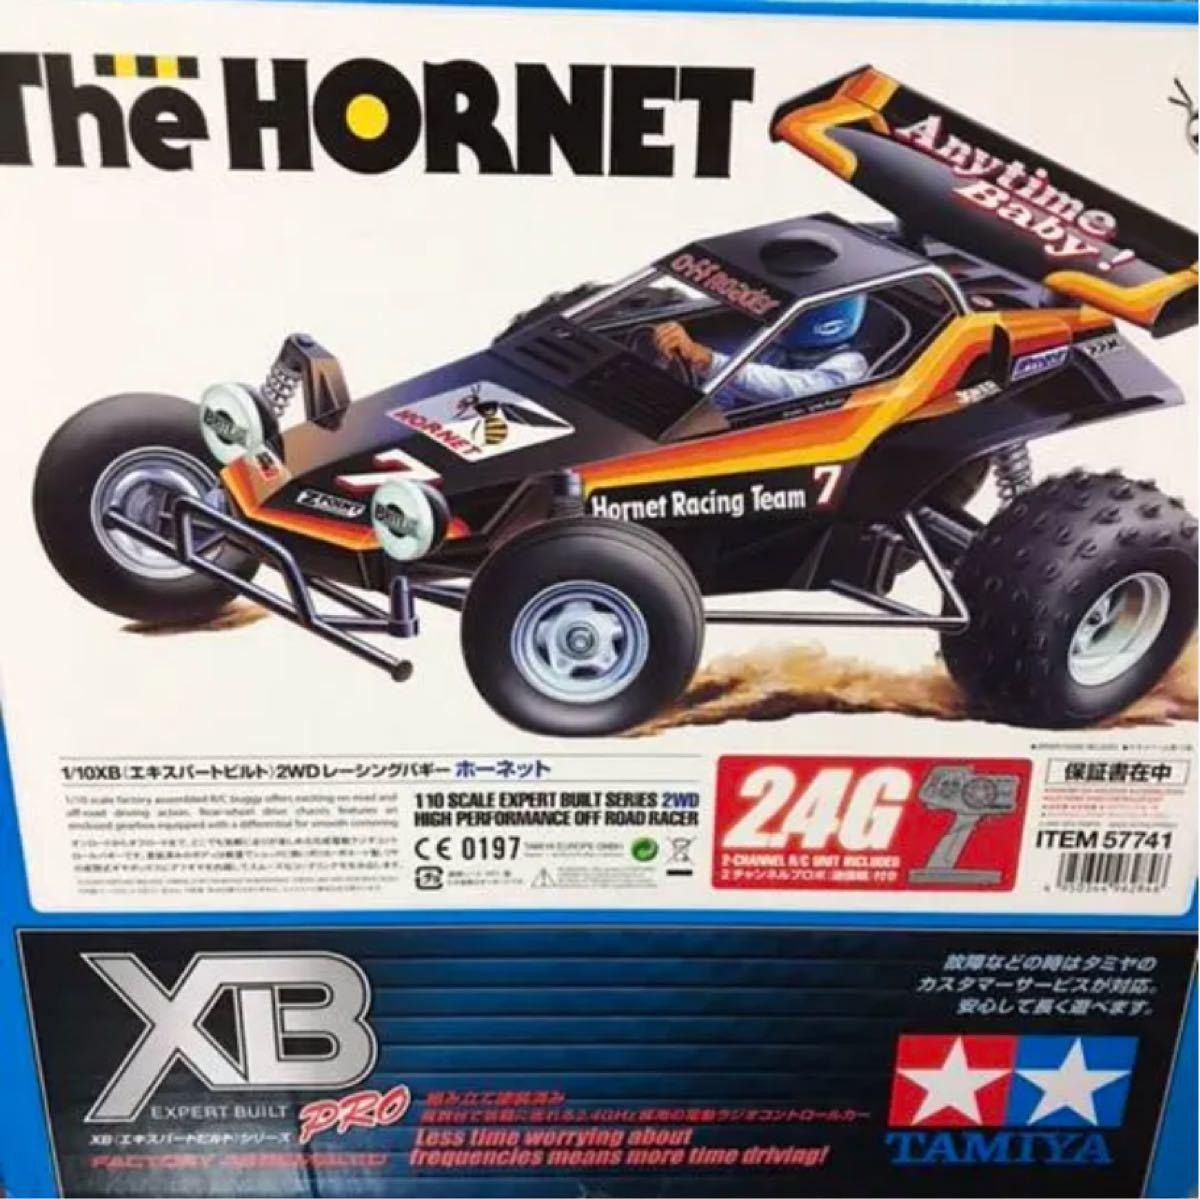 タミヤ 1/10 XBシリーズ No.41 XB ホーネット 2.4GHz プロポ付き塗装済み完成品 新品